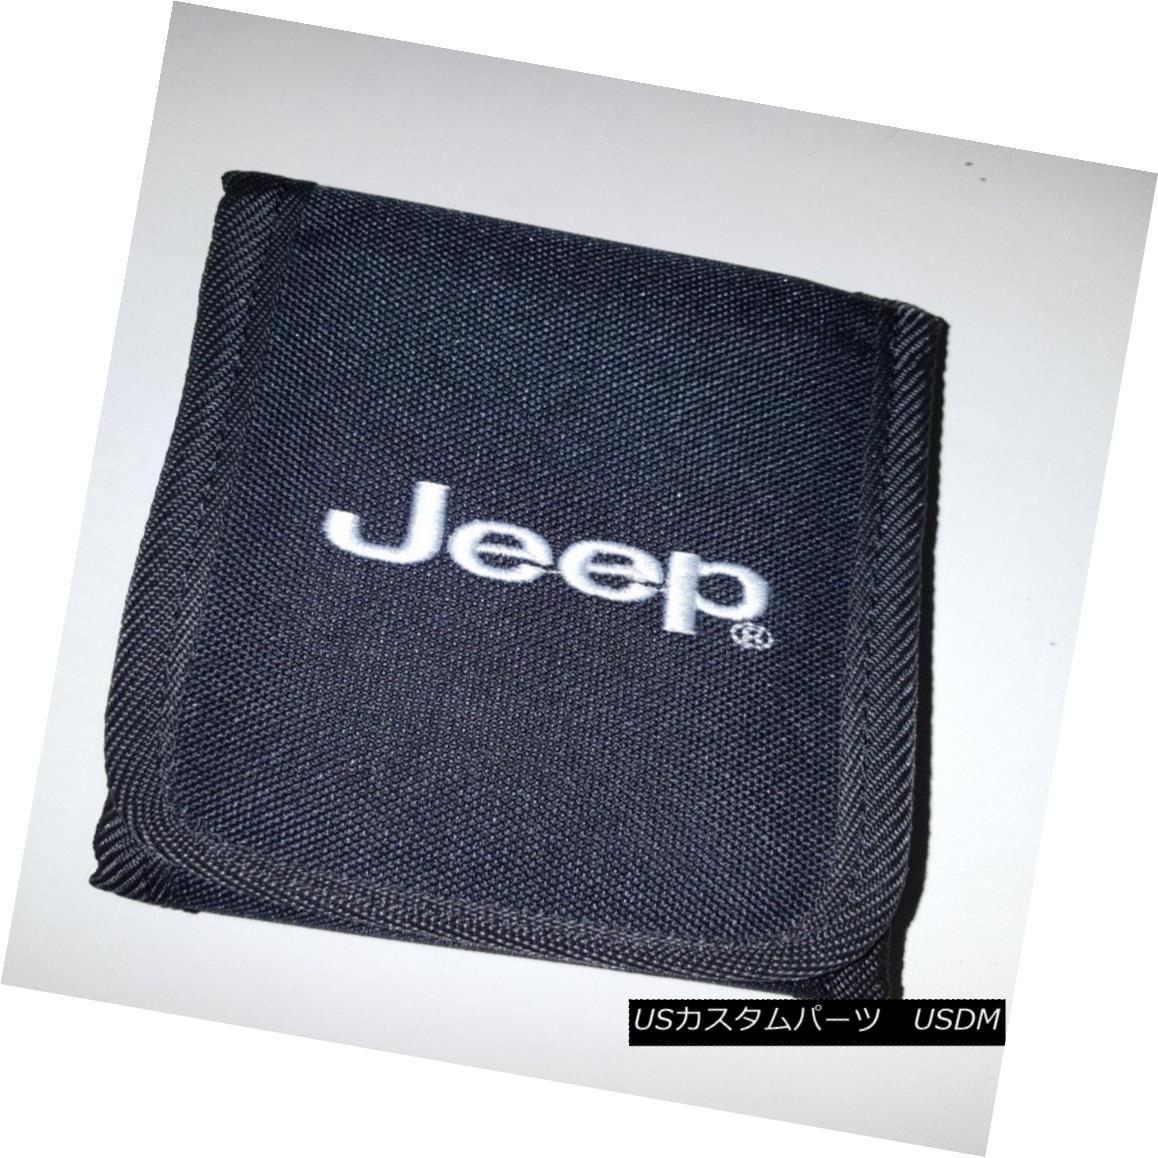 幌・ソフトトップ NEW! Jeep Life Torx Tool Set for Soft Top, Hard Top and Door Removal 07-18 NEW! 新しい! 柔らかいトップ、ハードトップとドアの取り外しのためのジープライフトルクスツールセット07-18 NEW!